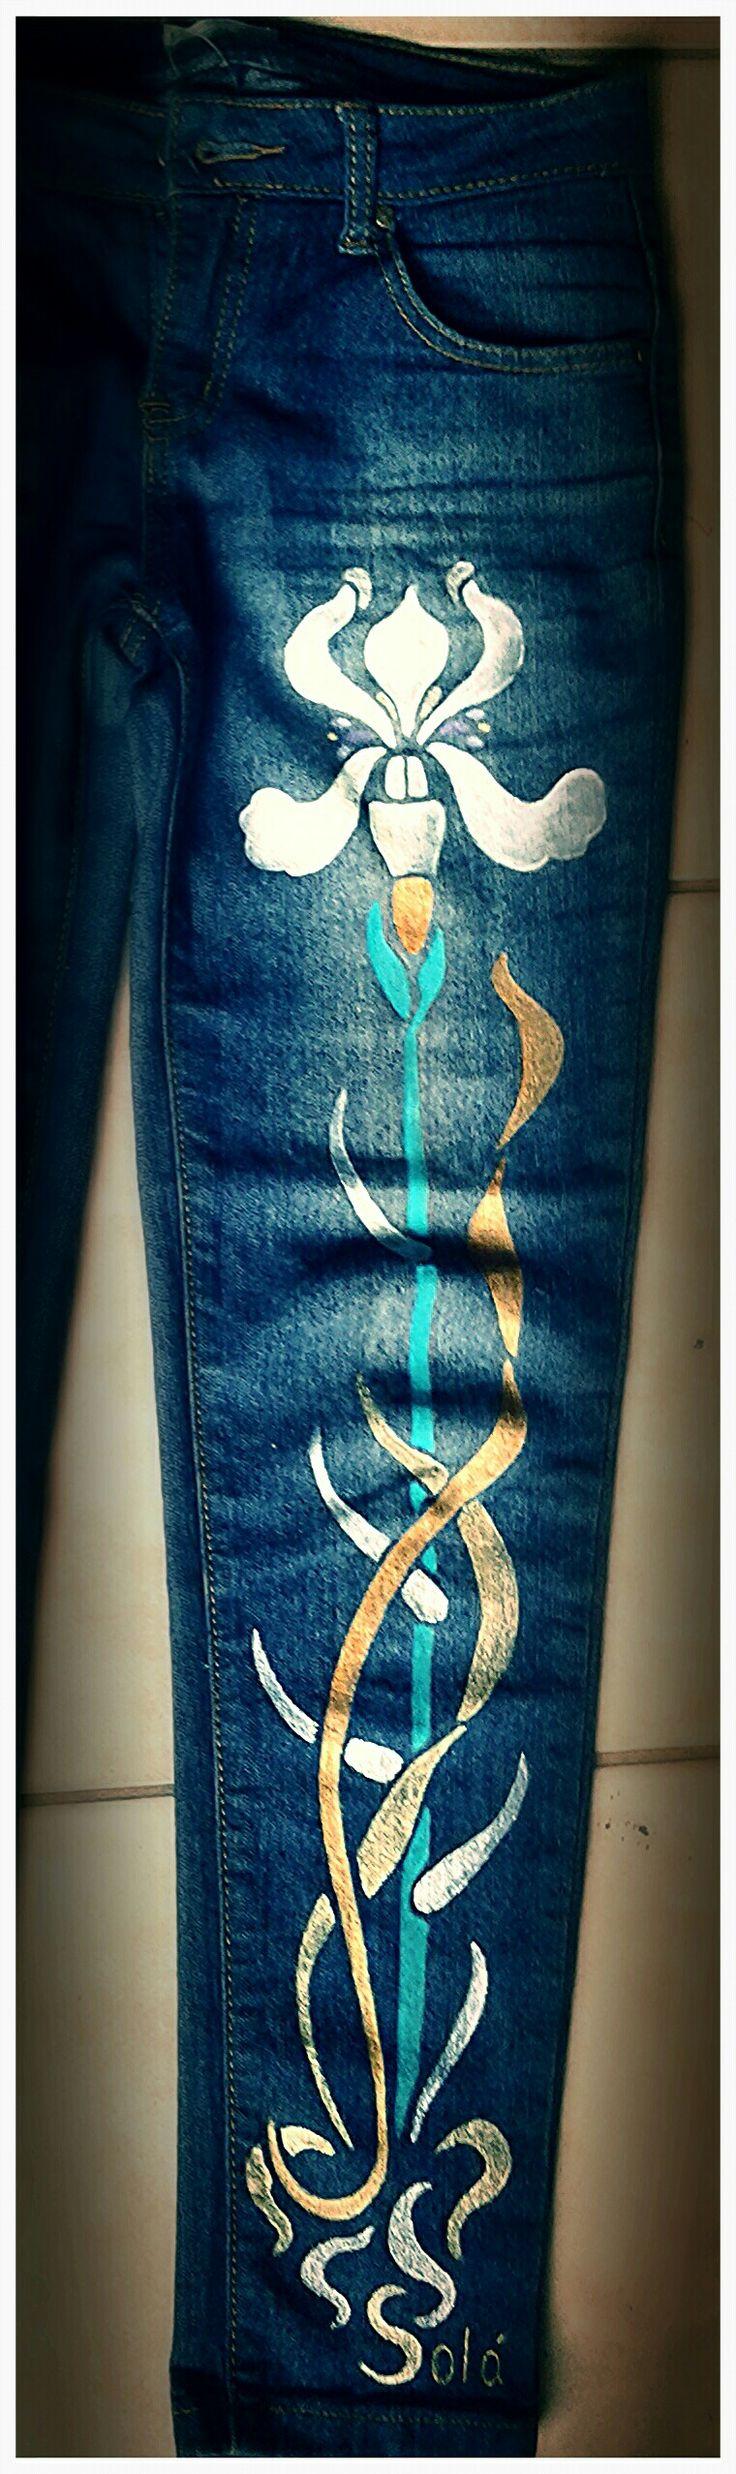 Todas las tallas y colores. Diferentes estilos y variedad de diseños.  Personaliza tus pantalones con Solá.  Pintados a mano.